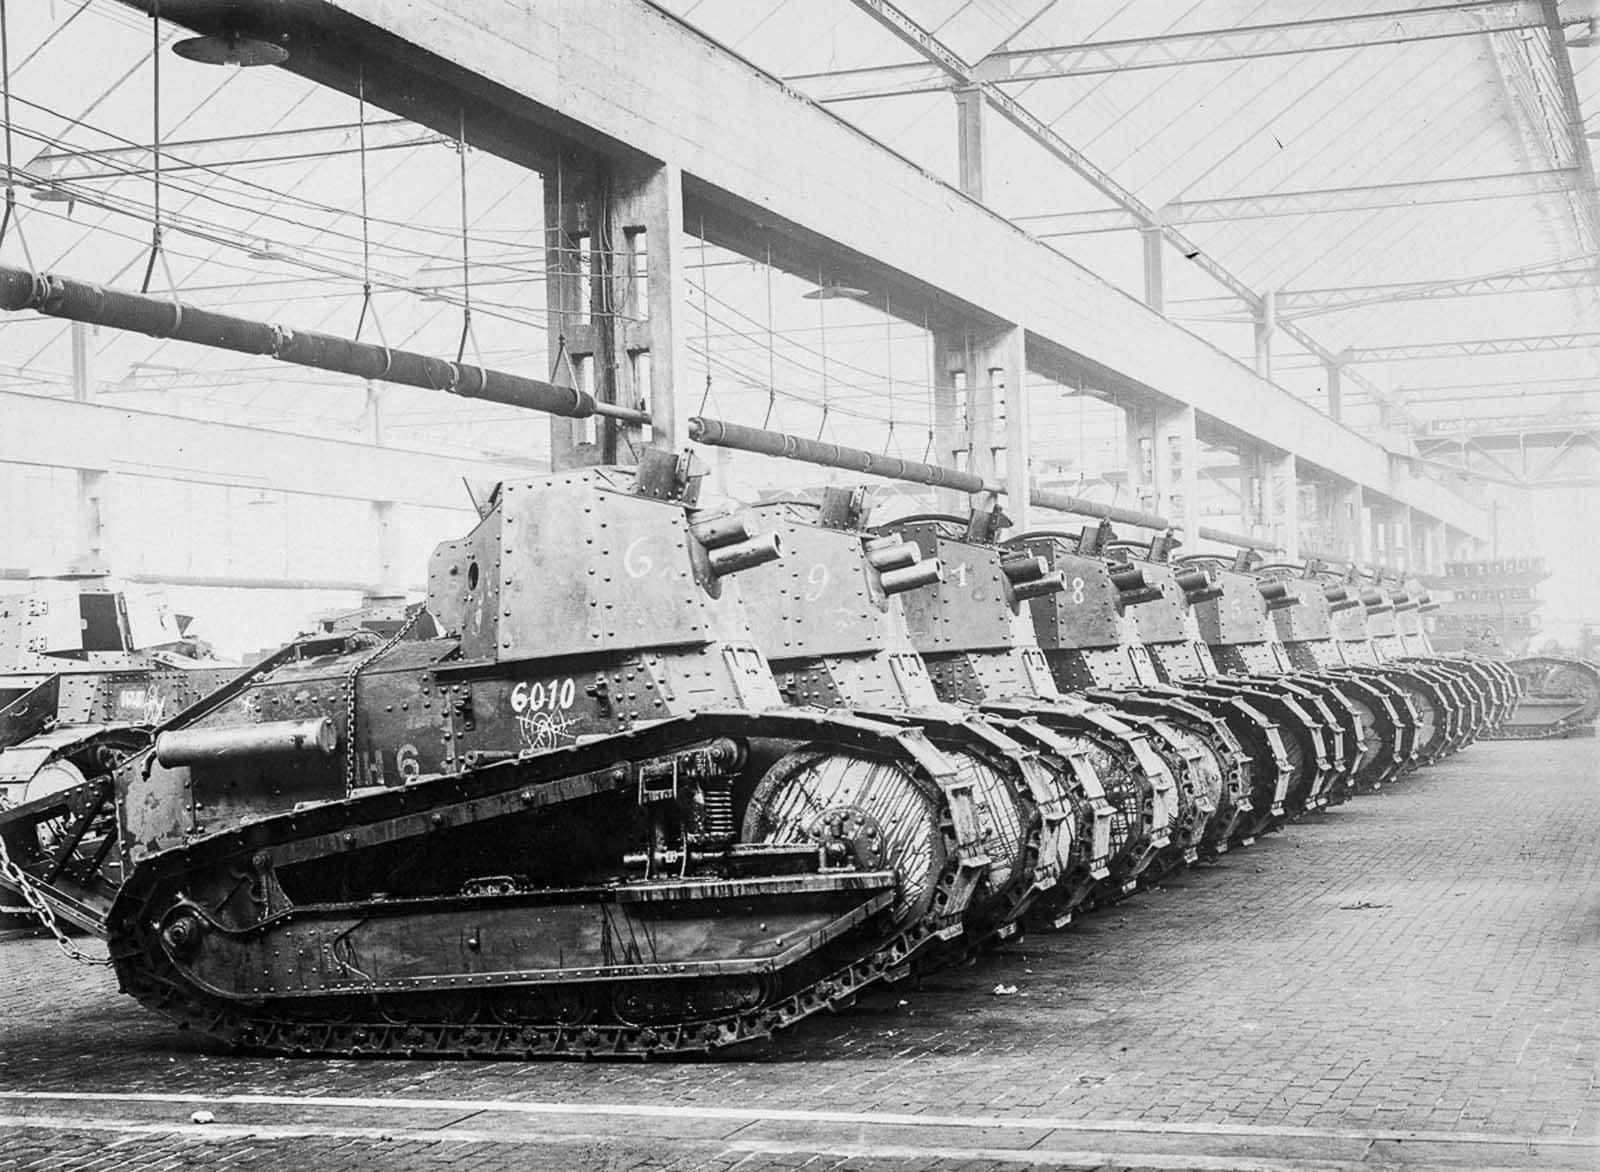 Tank factories of the Second World War, 1940-1945